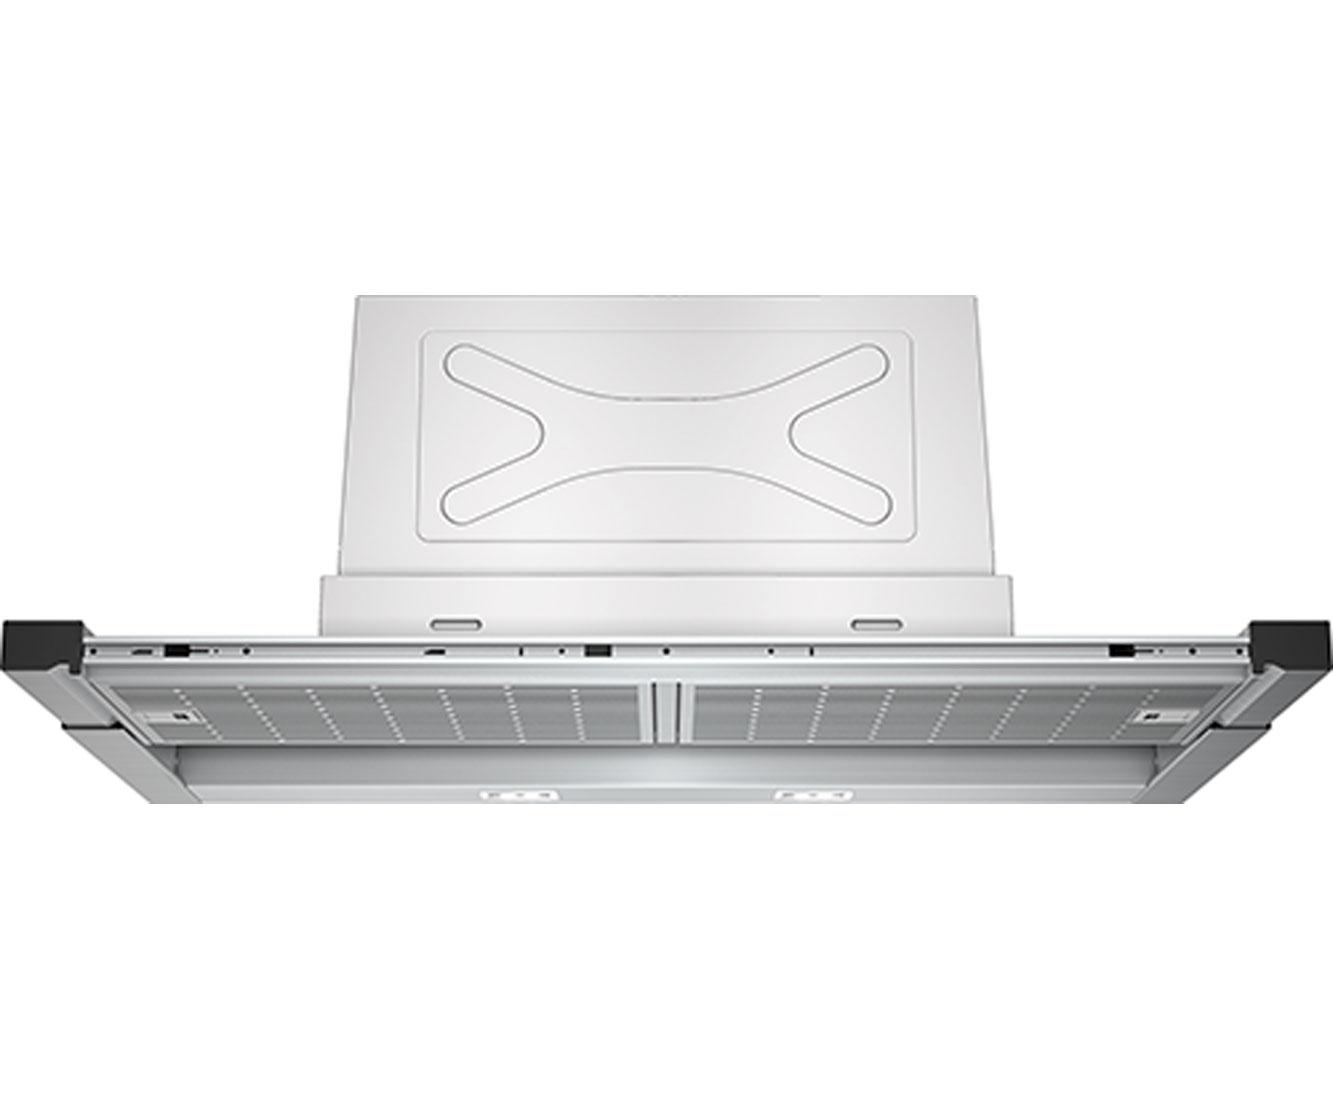 iQ500 LI97RA560 Flachschirmhauben - Edelstahl